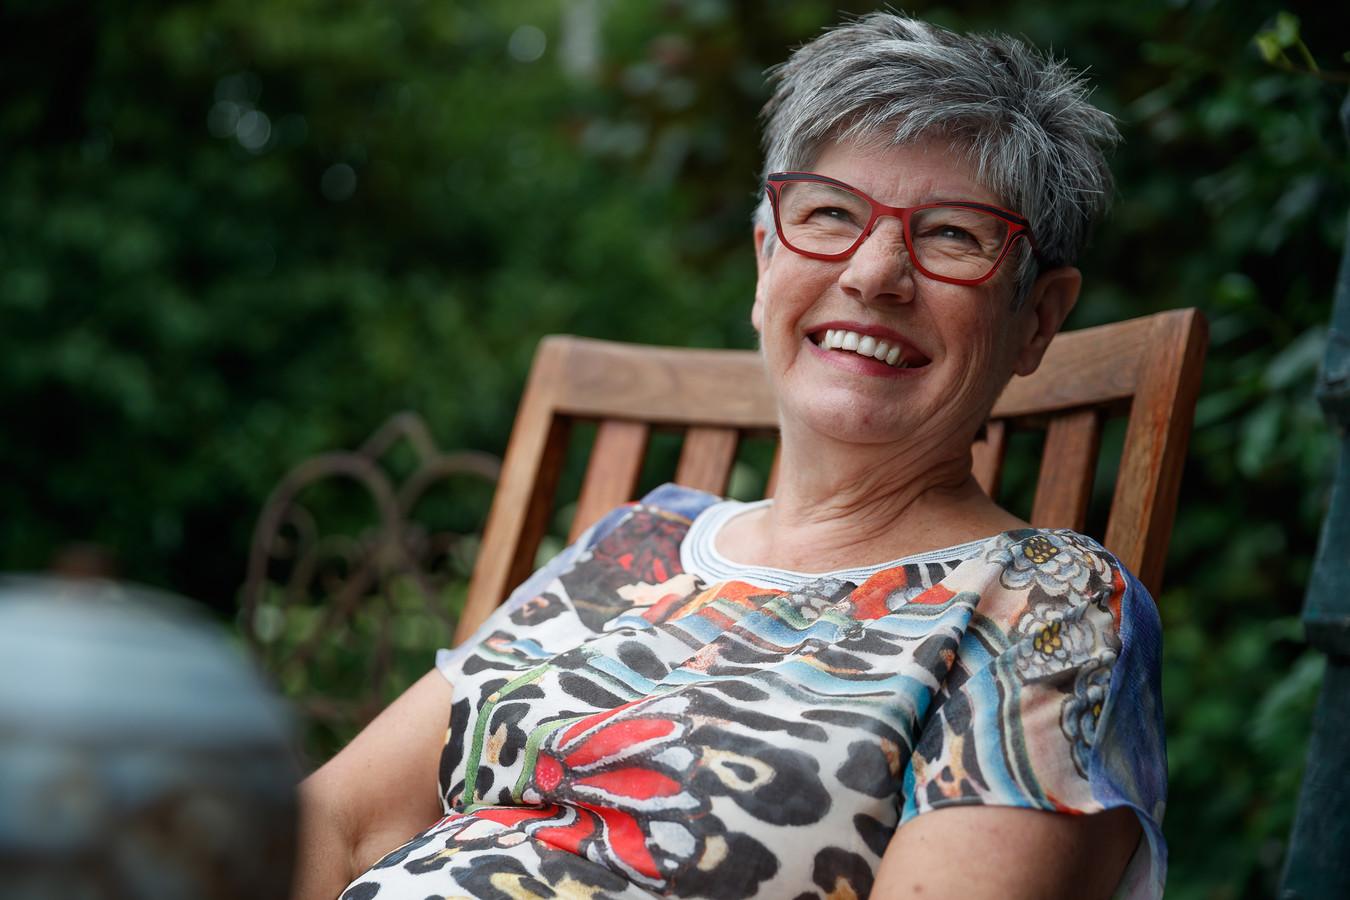 Gonny Hendrikx-Farla heeft decennialang voor De Stem en later BN DeStem gewerkt als correspondent. Per 1 juli officieel stopt ze ermee.